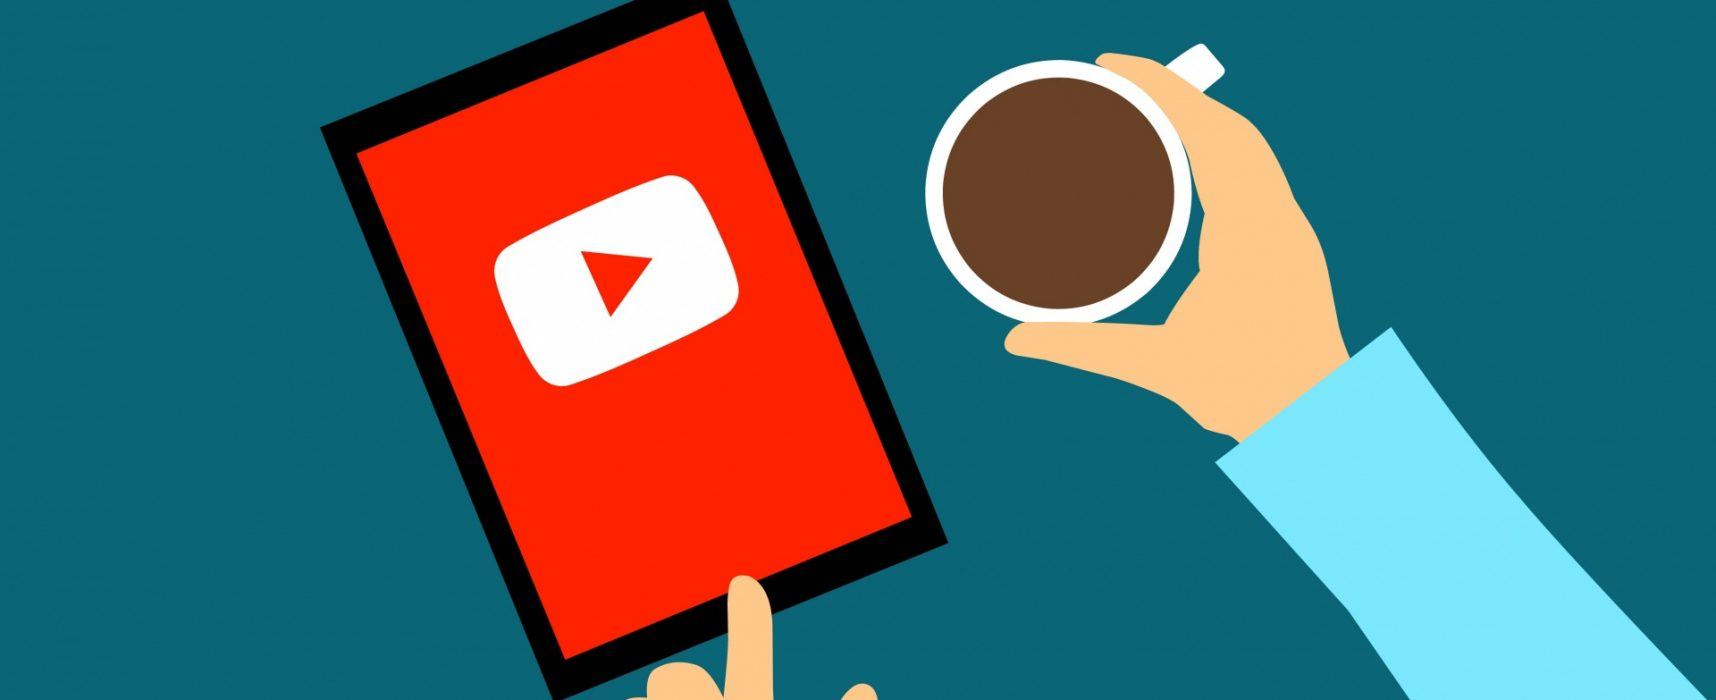 La búsqueda en YouTube: encuentra un vídeo o un comentario